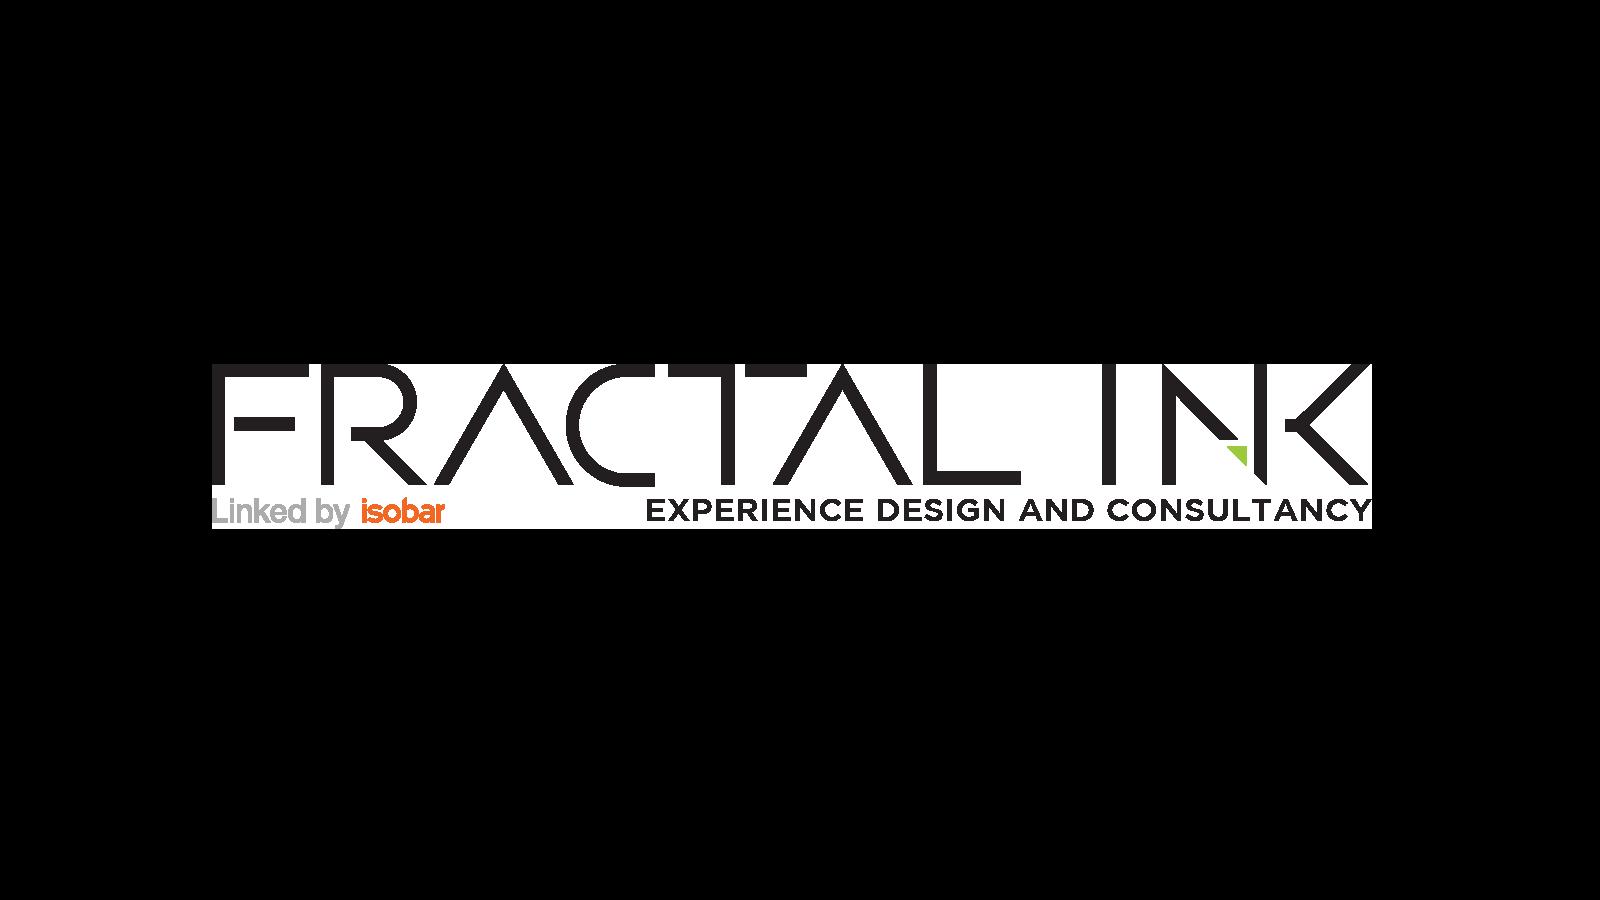 fractalink_logo